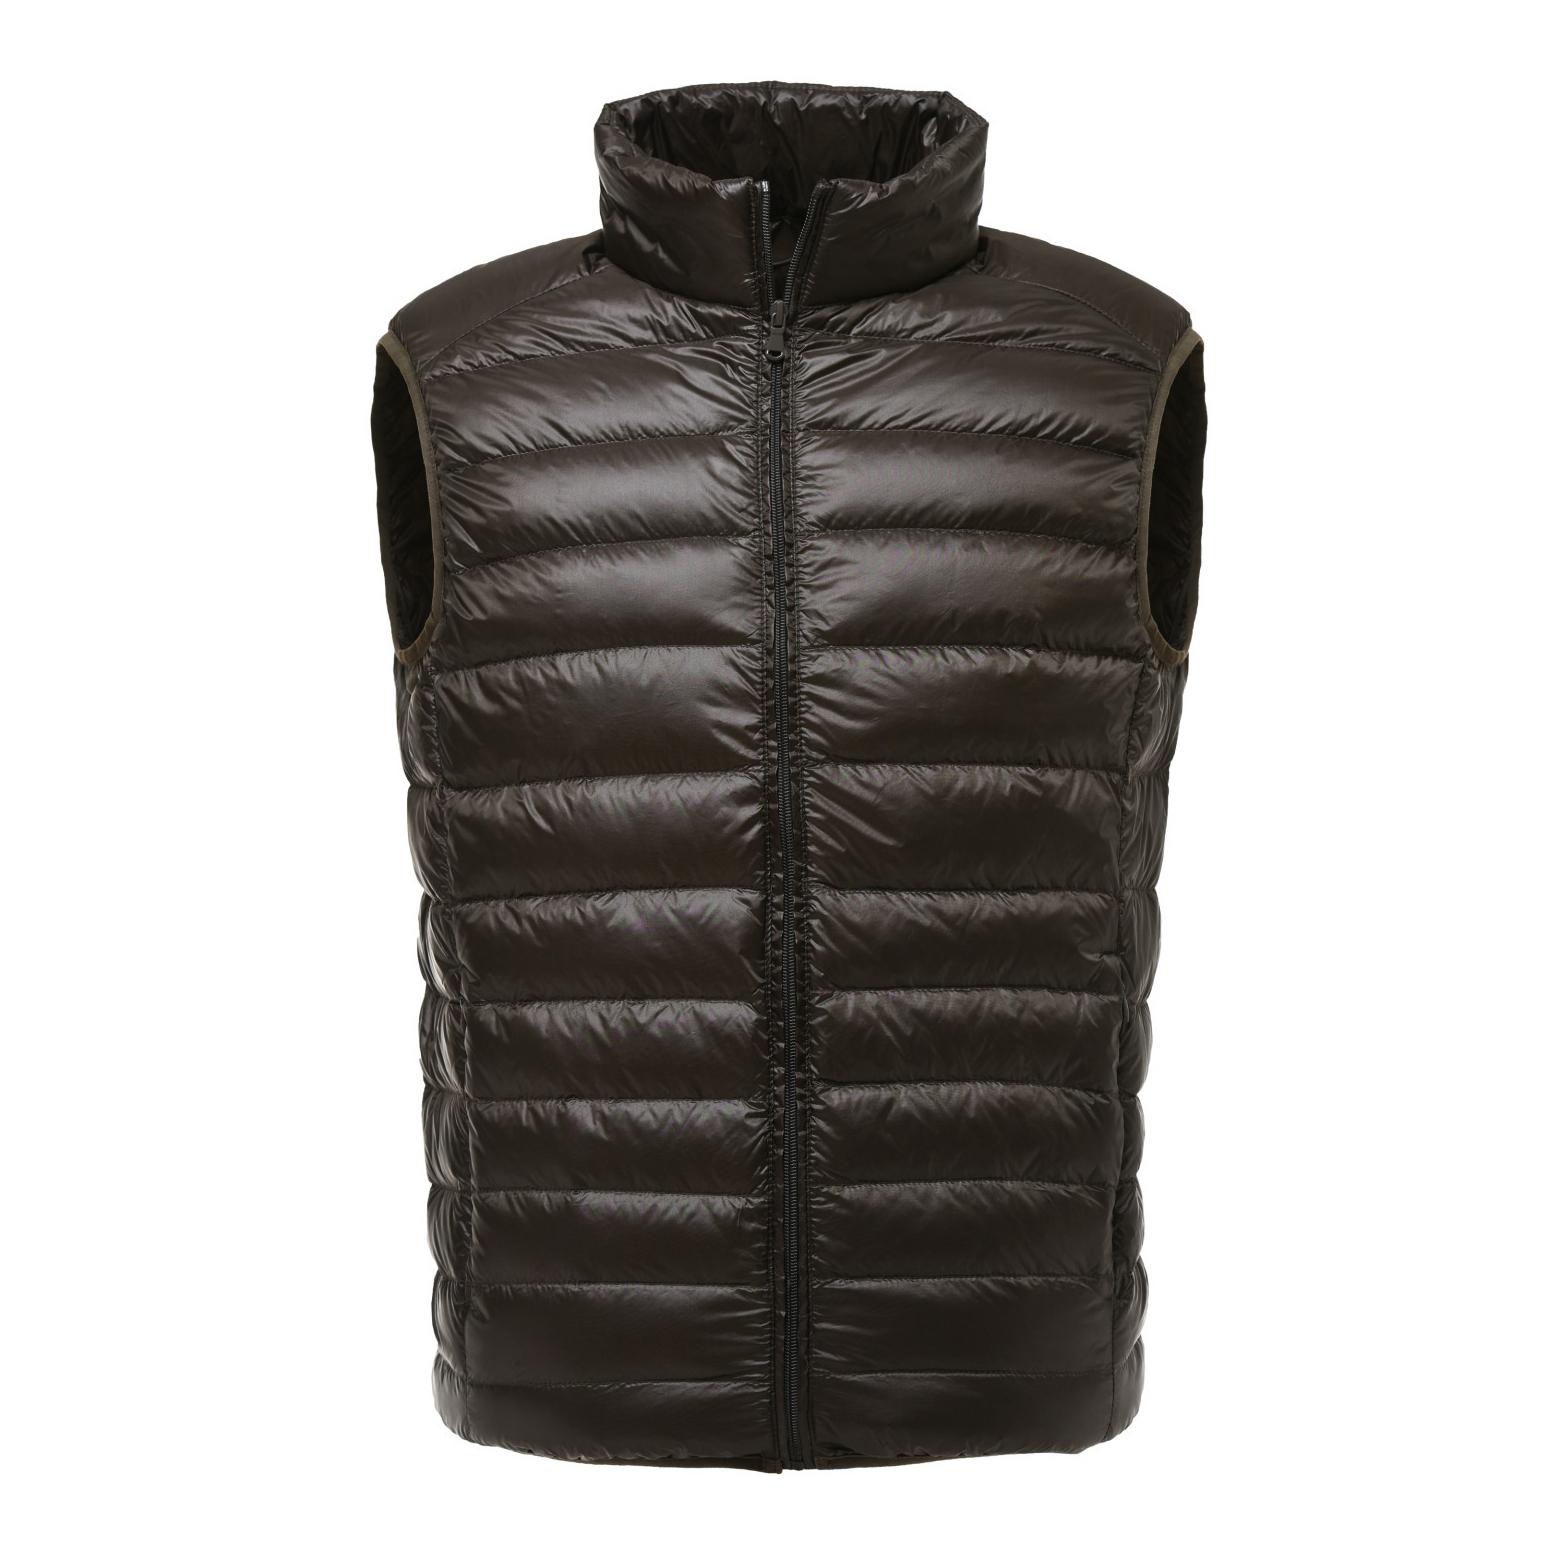 Ultralight duck down jacket,Men down jacket